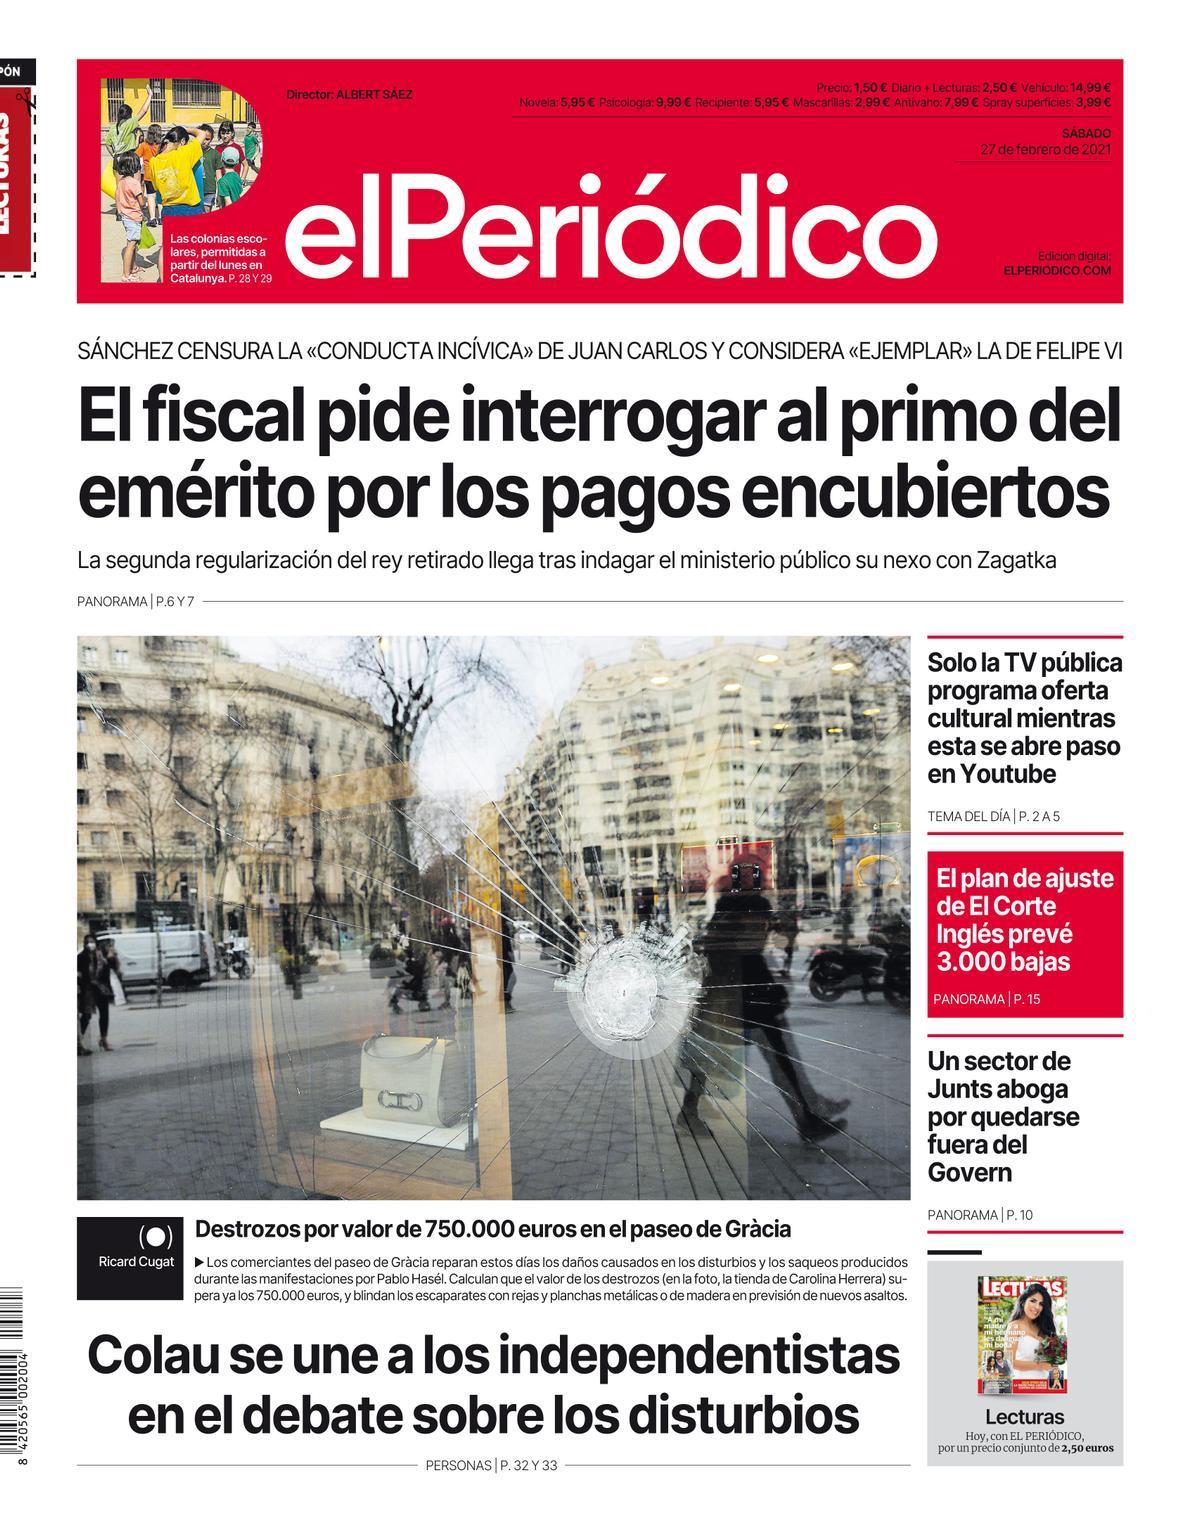 La portada de EL PERIÓDICO del 27 de febrero de 2021